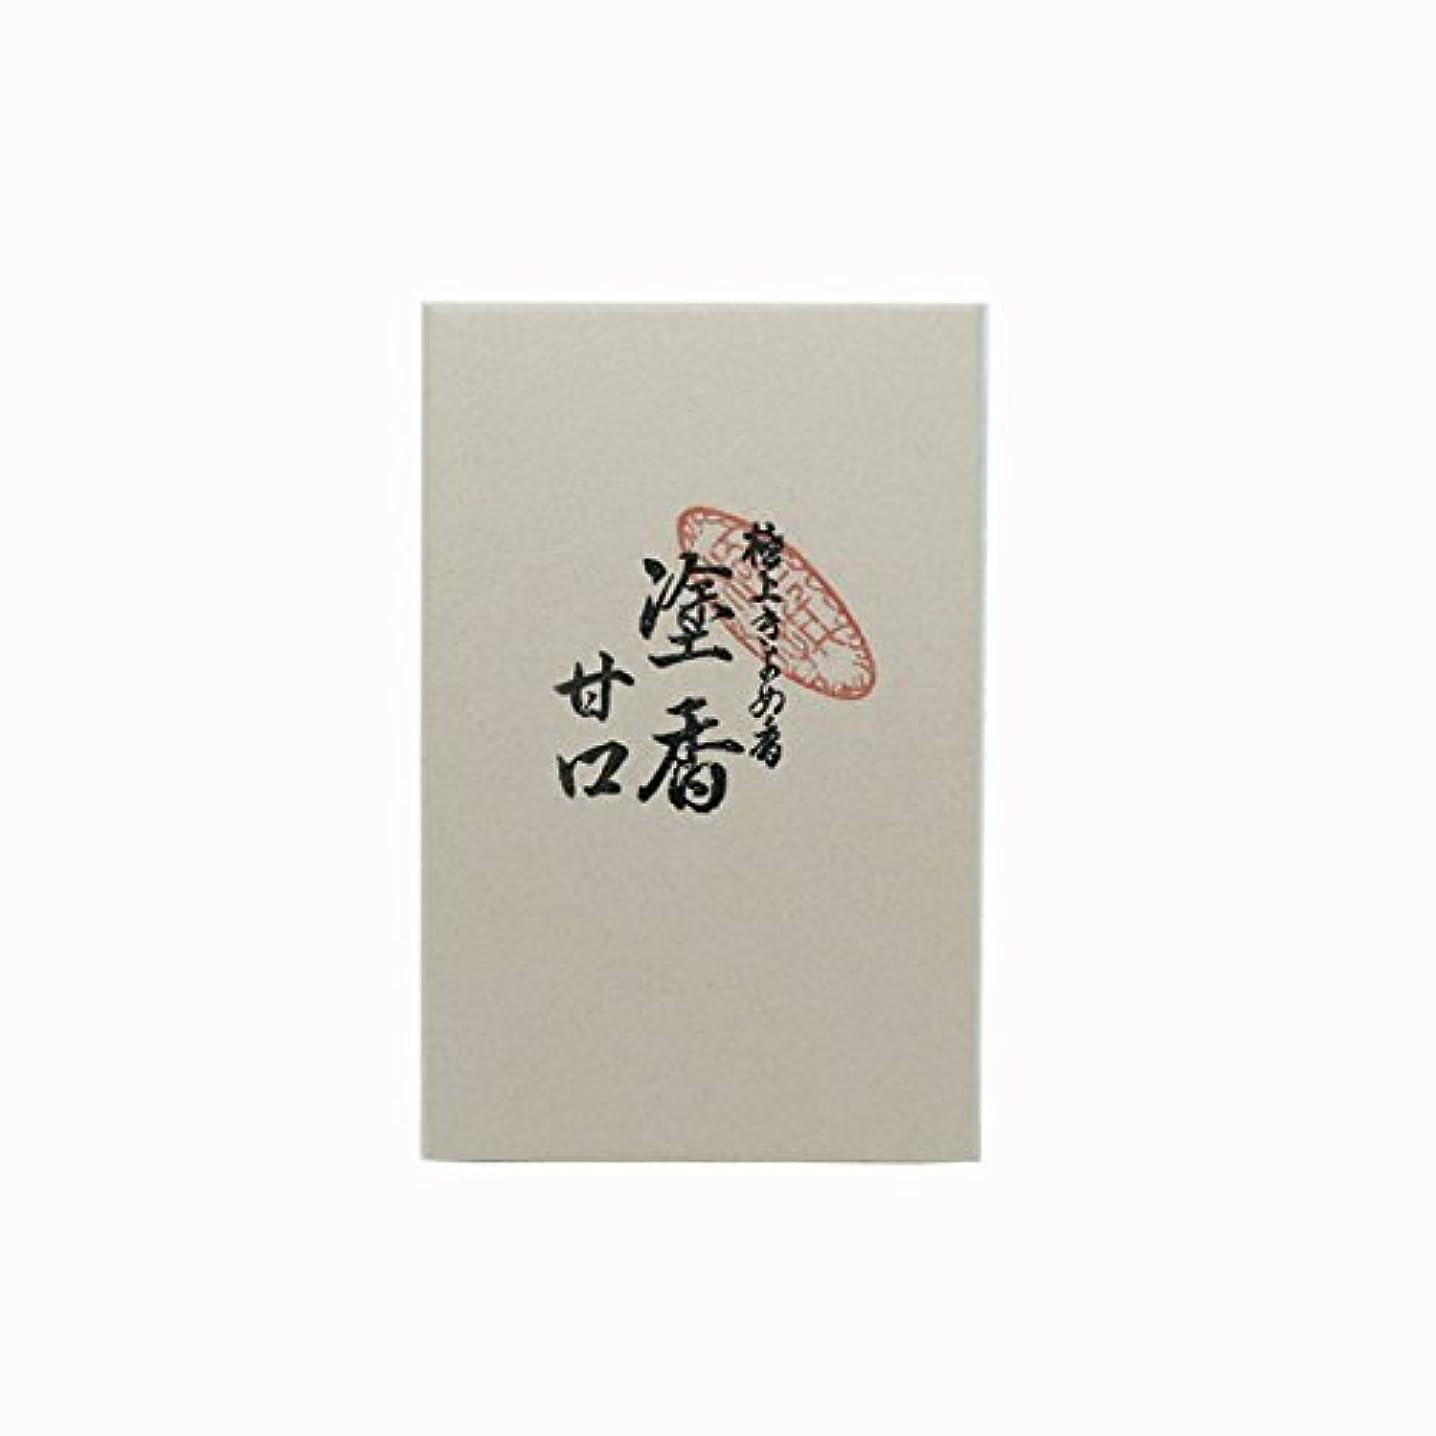 フロー騒乱包帯塗香(甘口) 12g入